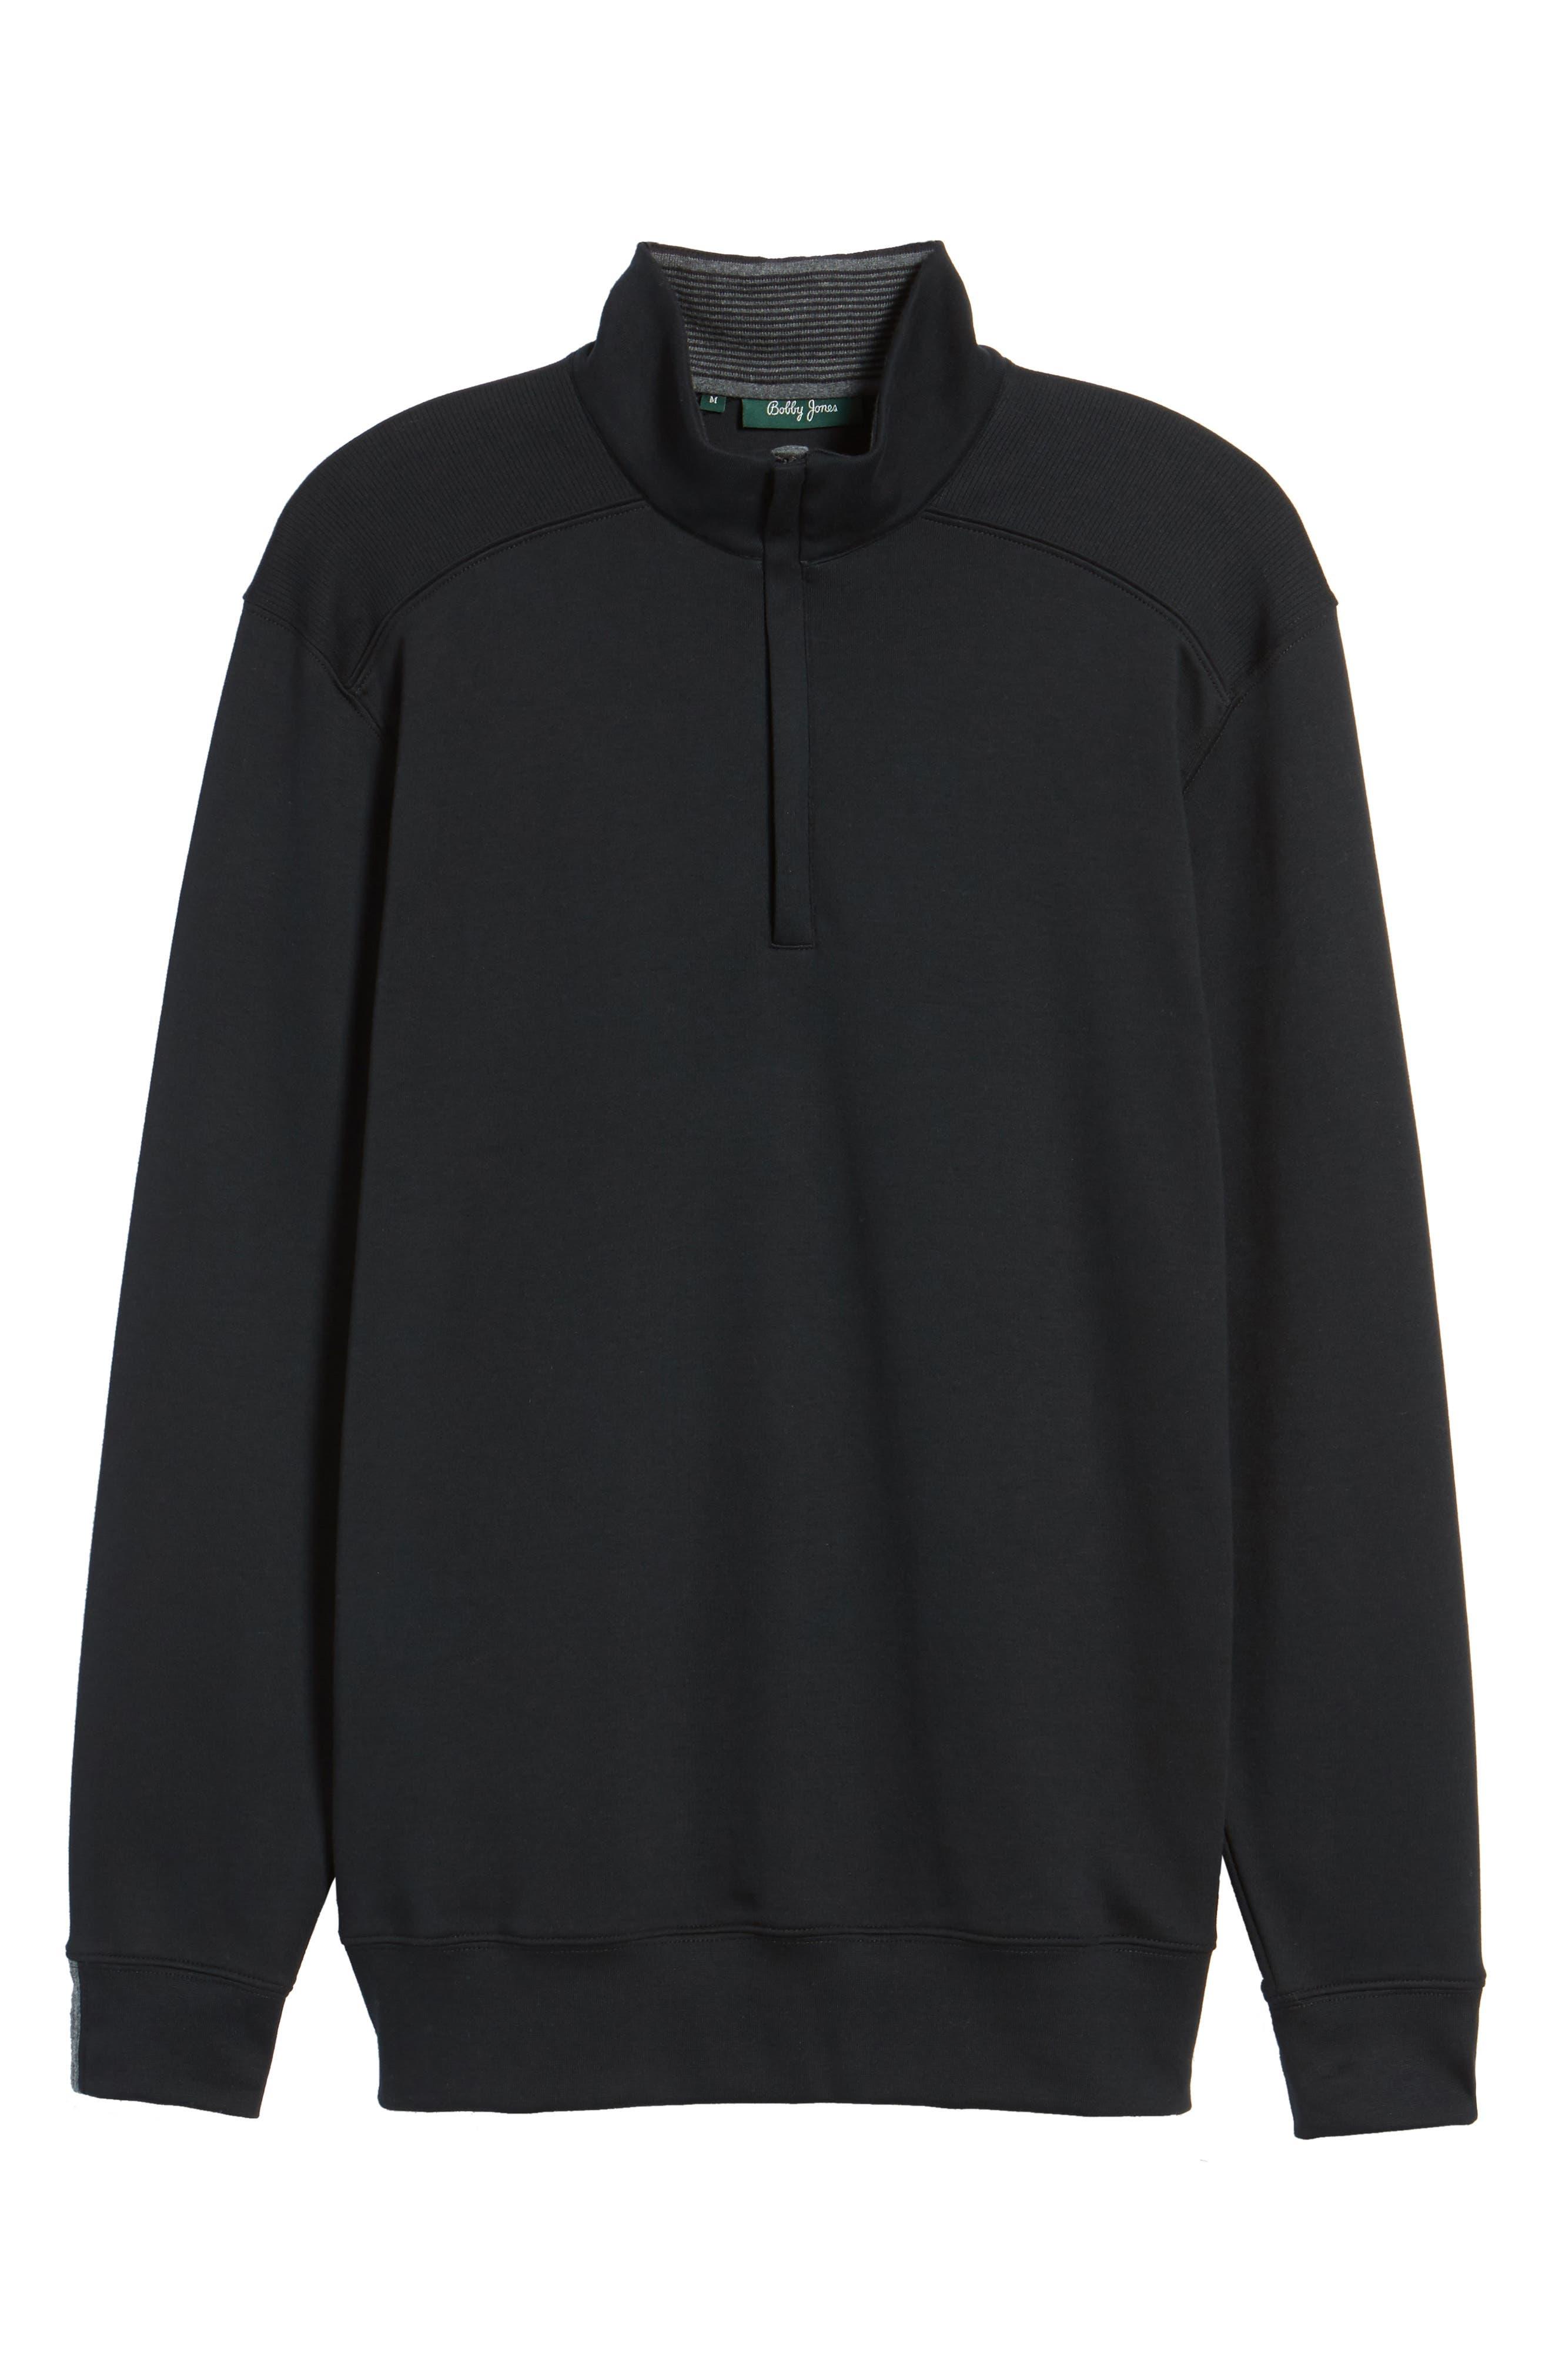 BOBBY JONES, 'New Leaderboard' Quarter Zip Pullover, Alternate thumbnail 6, color, BLACK